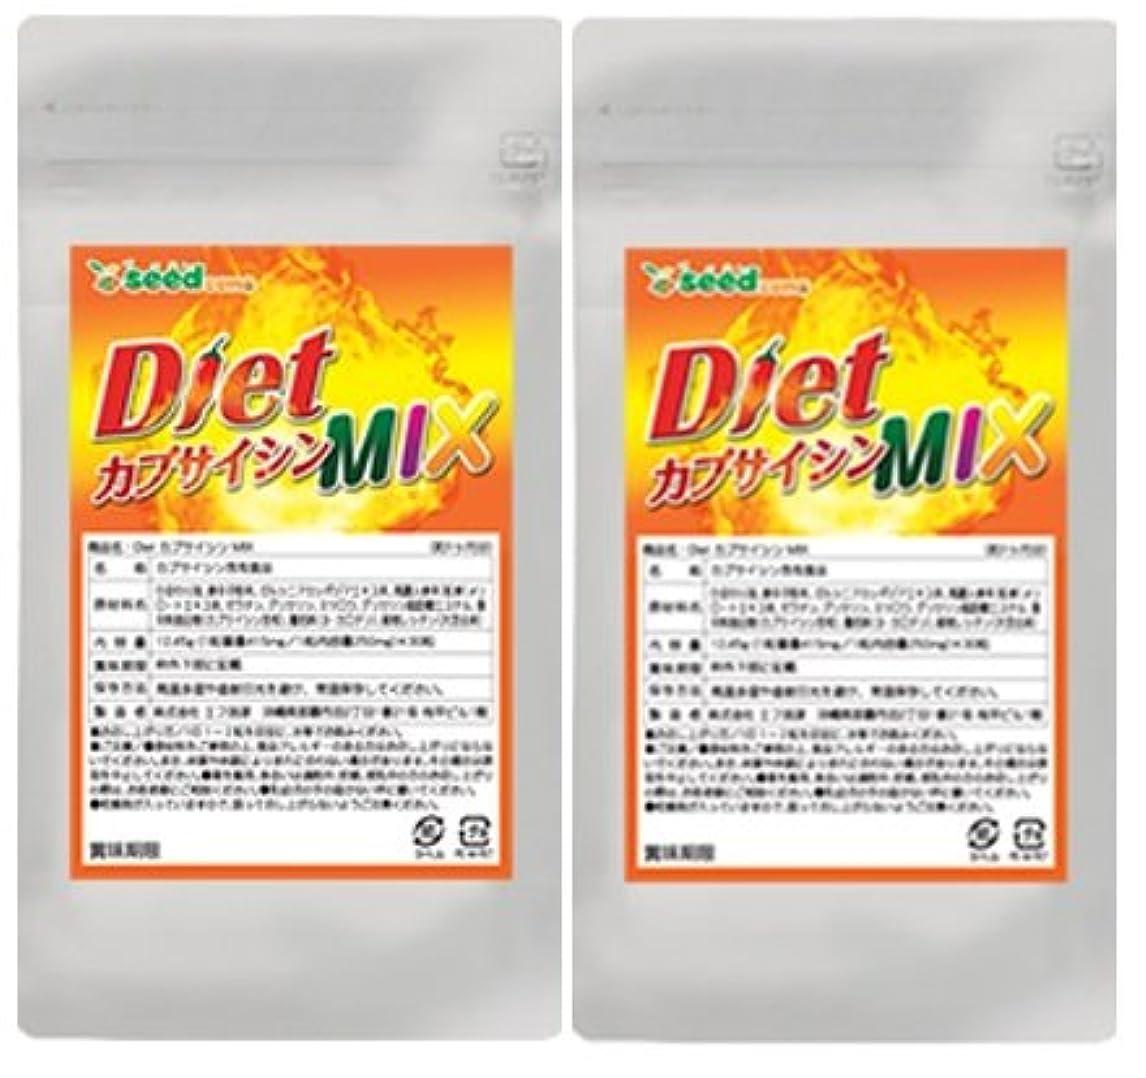 置き場置き場パキスタン人【 seedcoms シードコムス 公式 】Diet カプサイシン MIX (約6ケ月分) メリロート、高麗人参もプラス